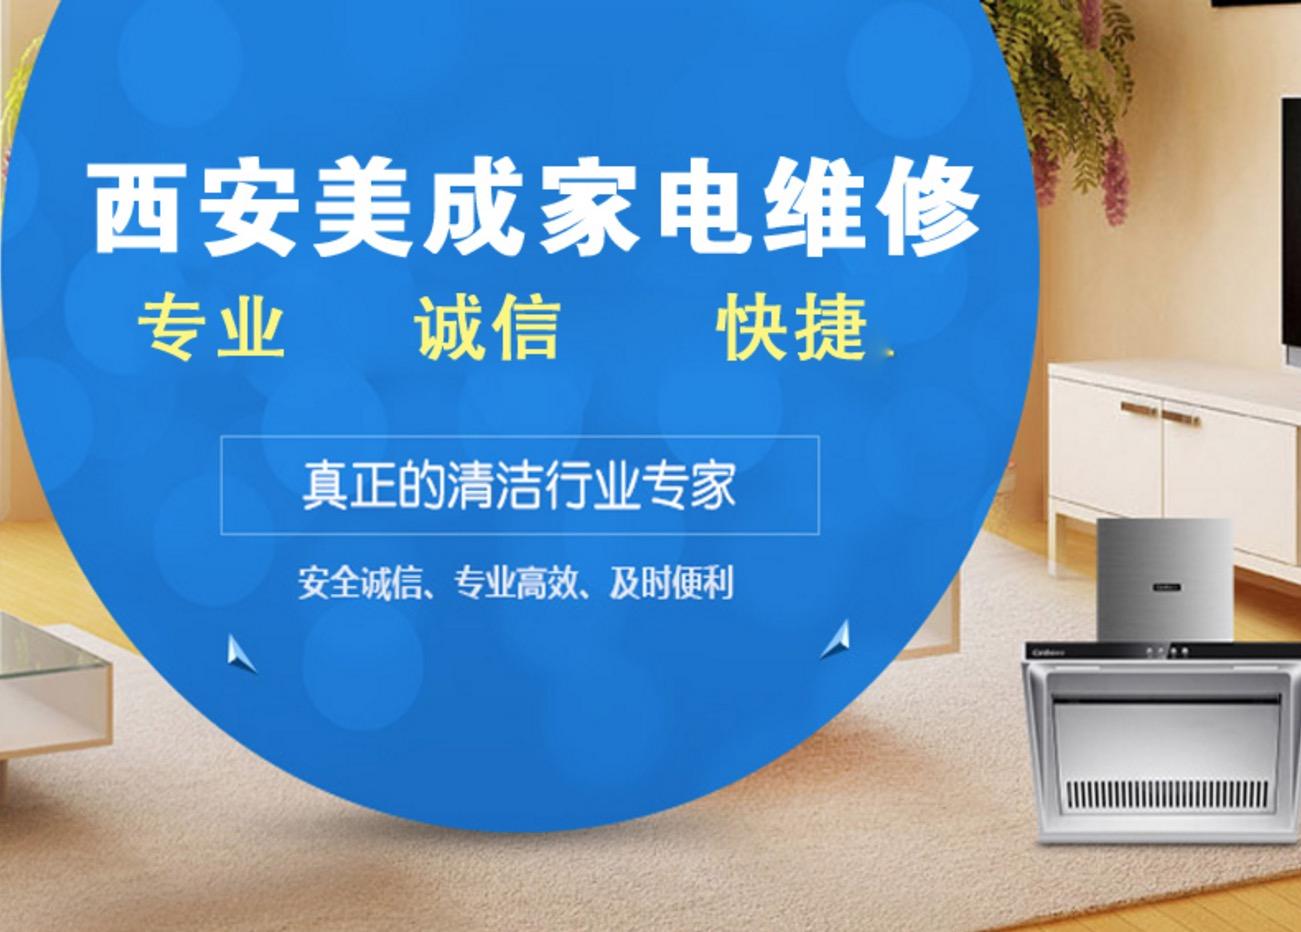 深圳福田做网站之西安洗衣机空调清洗公司网站上线了